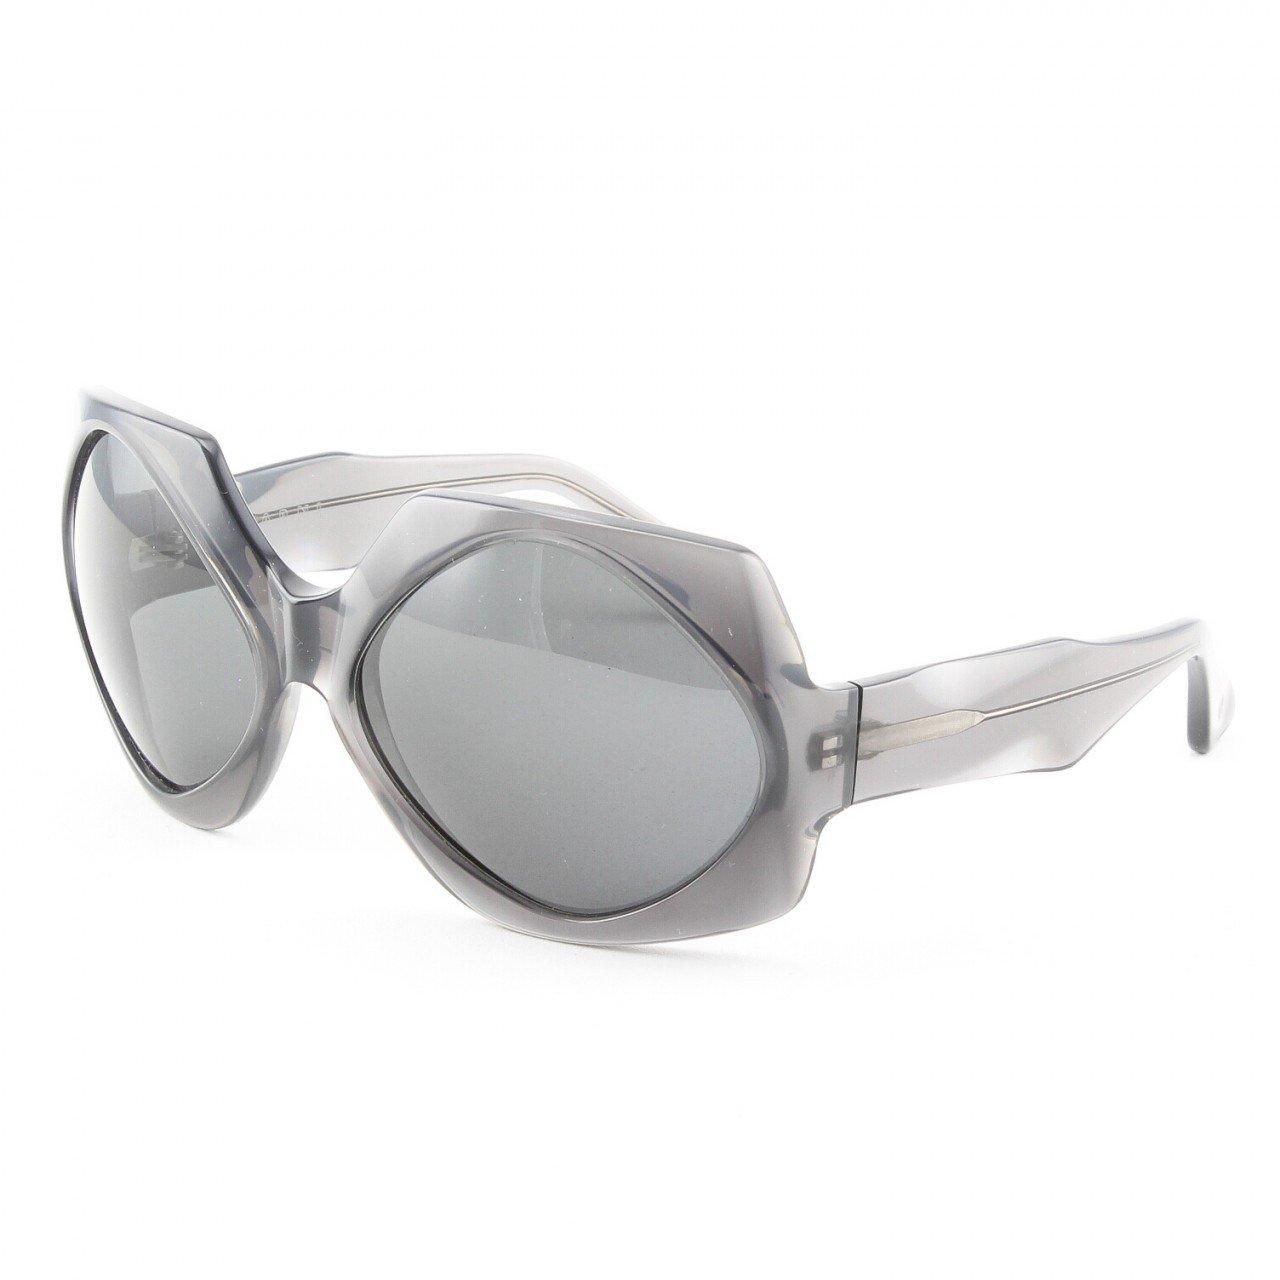 Marni MA187S Sunglasses Col. 02 Translucent Graphite Gray with Gray Lenses